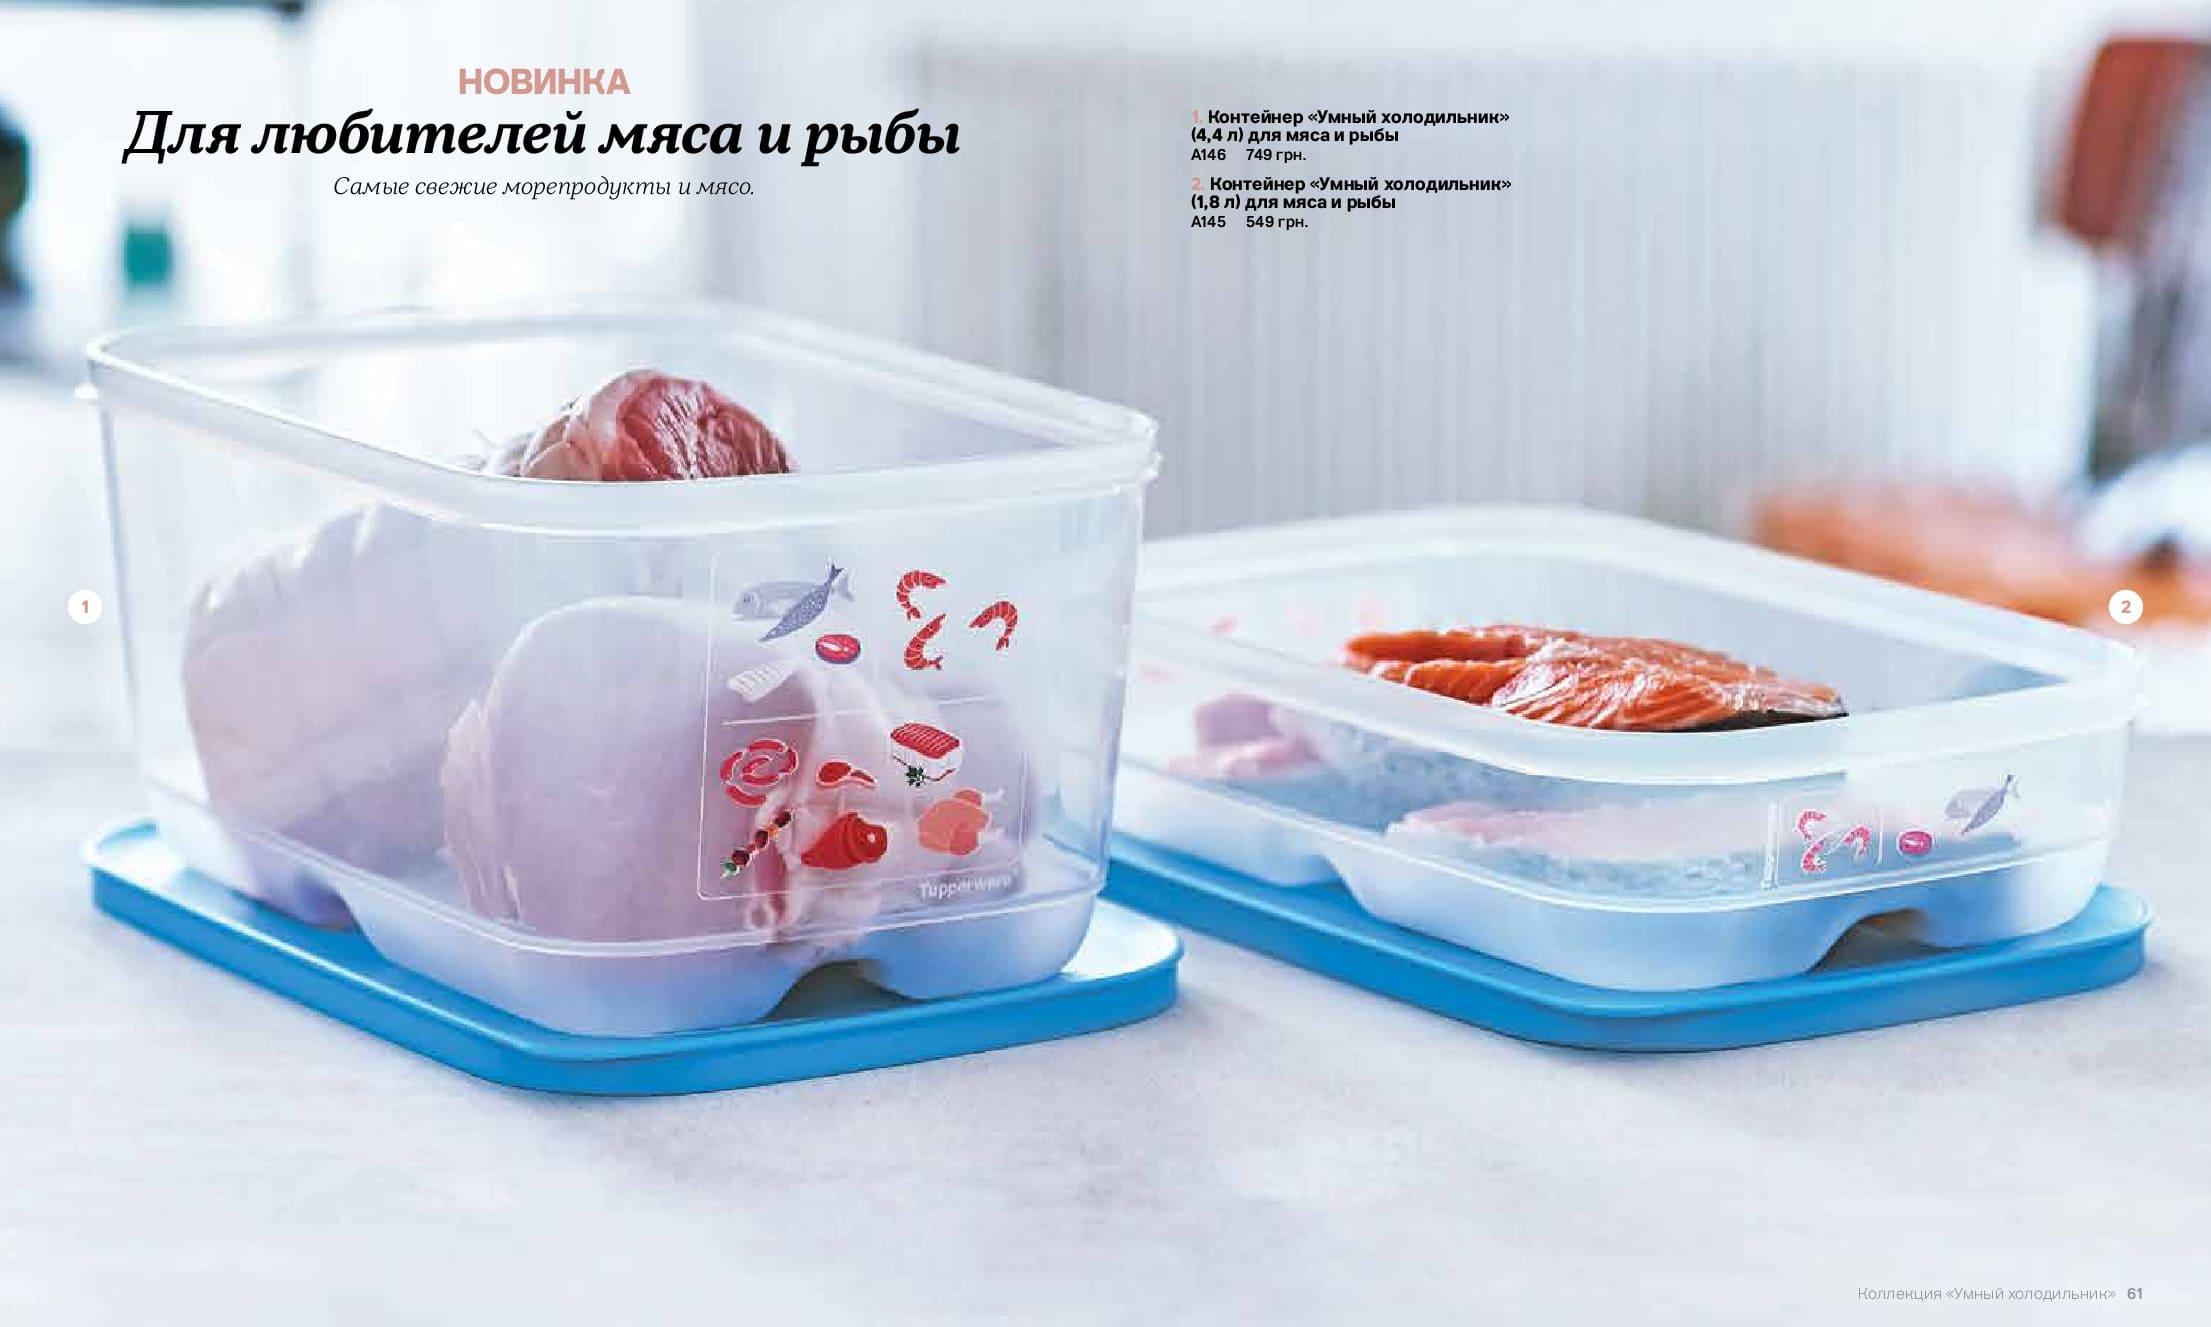 Контейнер для хранения продуктов в холодильнике, для любителей мяса, рыбы и морепродуктов